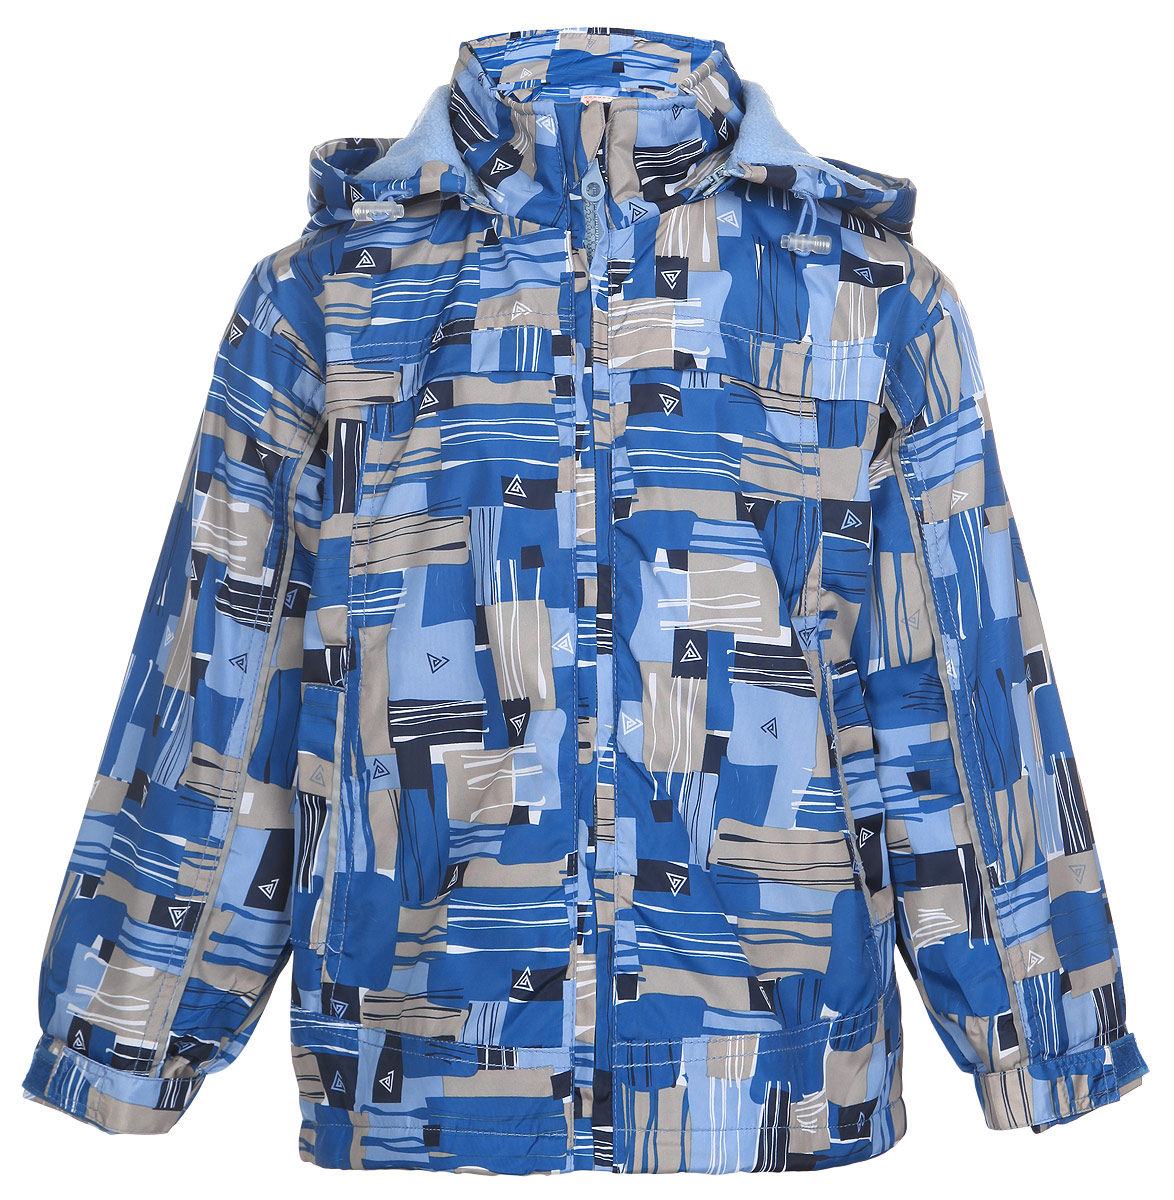 Куртка для мальчика M&D, цвет: голубой, синий, бежевый. 111603R-10. Размер 104111603R-10Легкая куртка для мальчика M&D, изготовленная из полиэстера, идеально подойдет для ребенка в прохладную погоду. Для большего комфорта на подкладке используется мягкий флис, который хорошо сохраняет тепло.Куртка с капюшоном застегивается на пластиковую молнию с защитой подбородка. Капюшон по краю дополнен затягивающимся шнурком со стопперами. Низ рукавов присборен на резинки. Ширину манжет можно регулировать при помощи хлястиков на липучках. Низ куртки оснащен резинкой со стопперами, защищающей от проникновения холодного воздуха. Спереди расположены два втачных кармана. Оформлено изделие оригинальным принтом.Куртка дополнена светоотражающими элементами для безопасности ребенка в темное время суток.Комфортная, удобная и практичная куртка идеально подойдет для прогулок и игр на свежем воздухе!